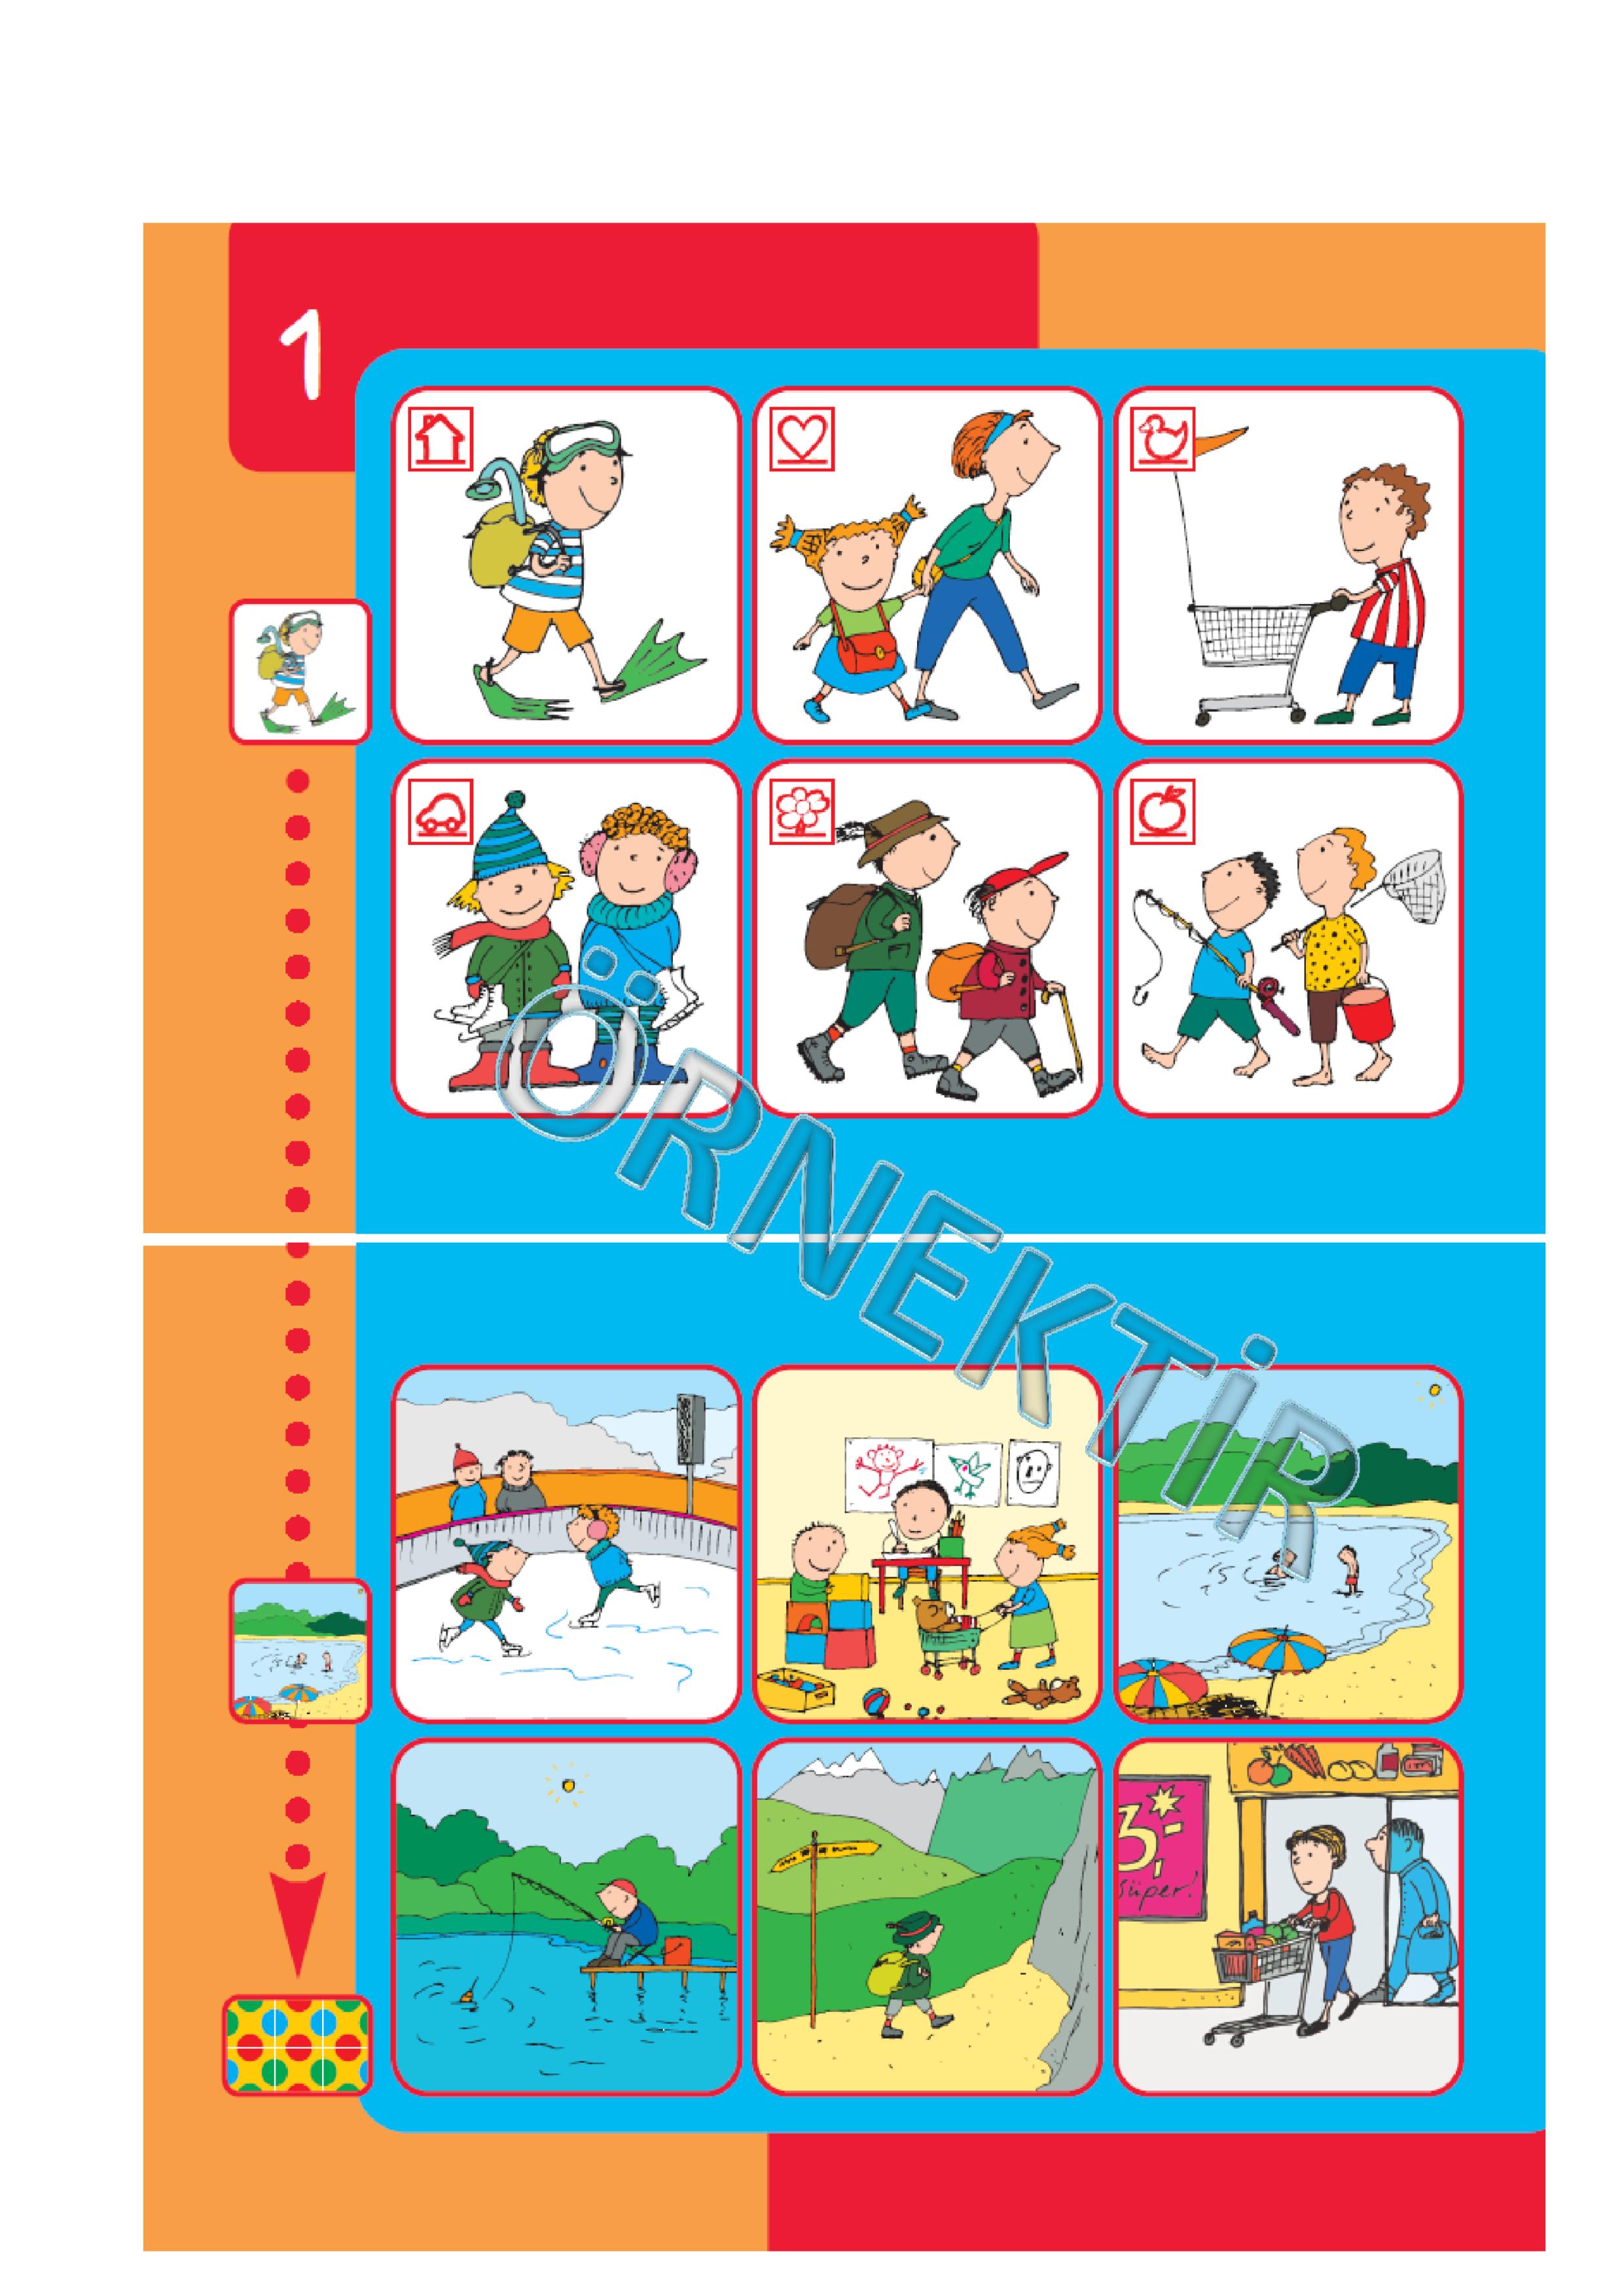 bambinoYUP 4+ Yaş Eğitim Seti| Resimleri Eşleştirelim | 1. Etkinlik